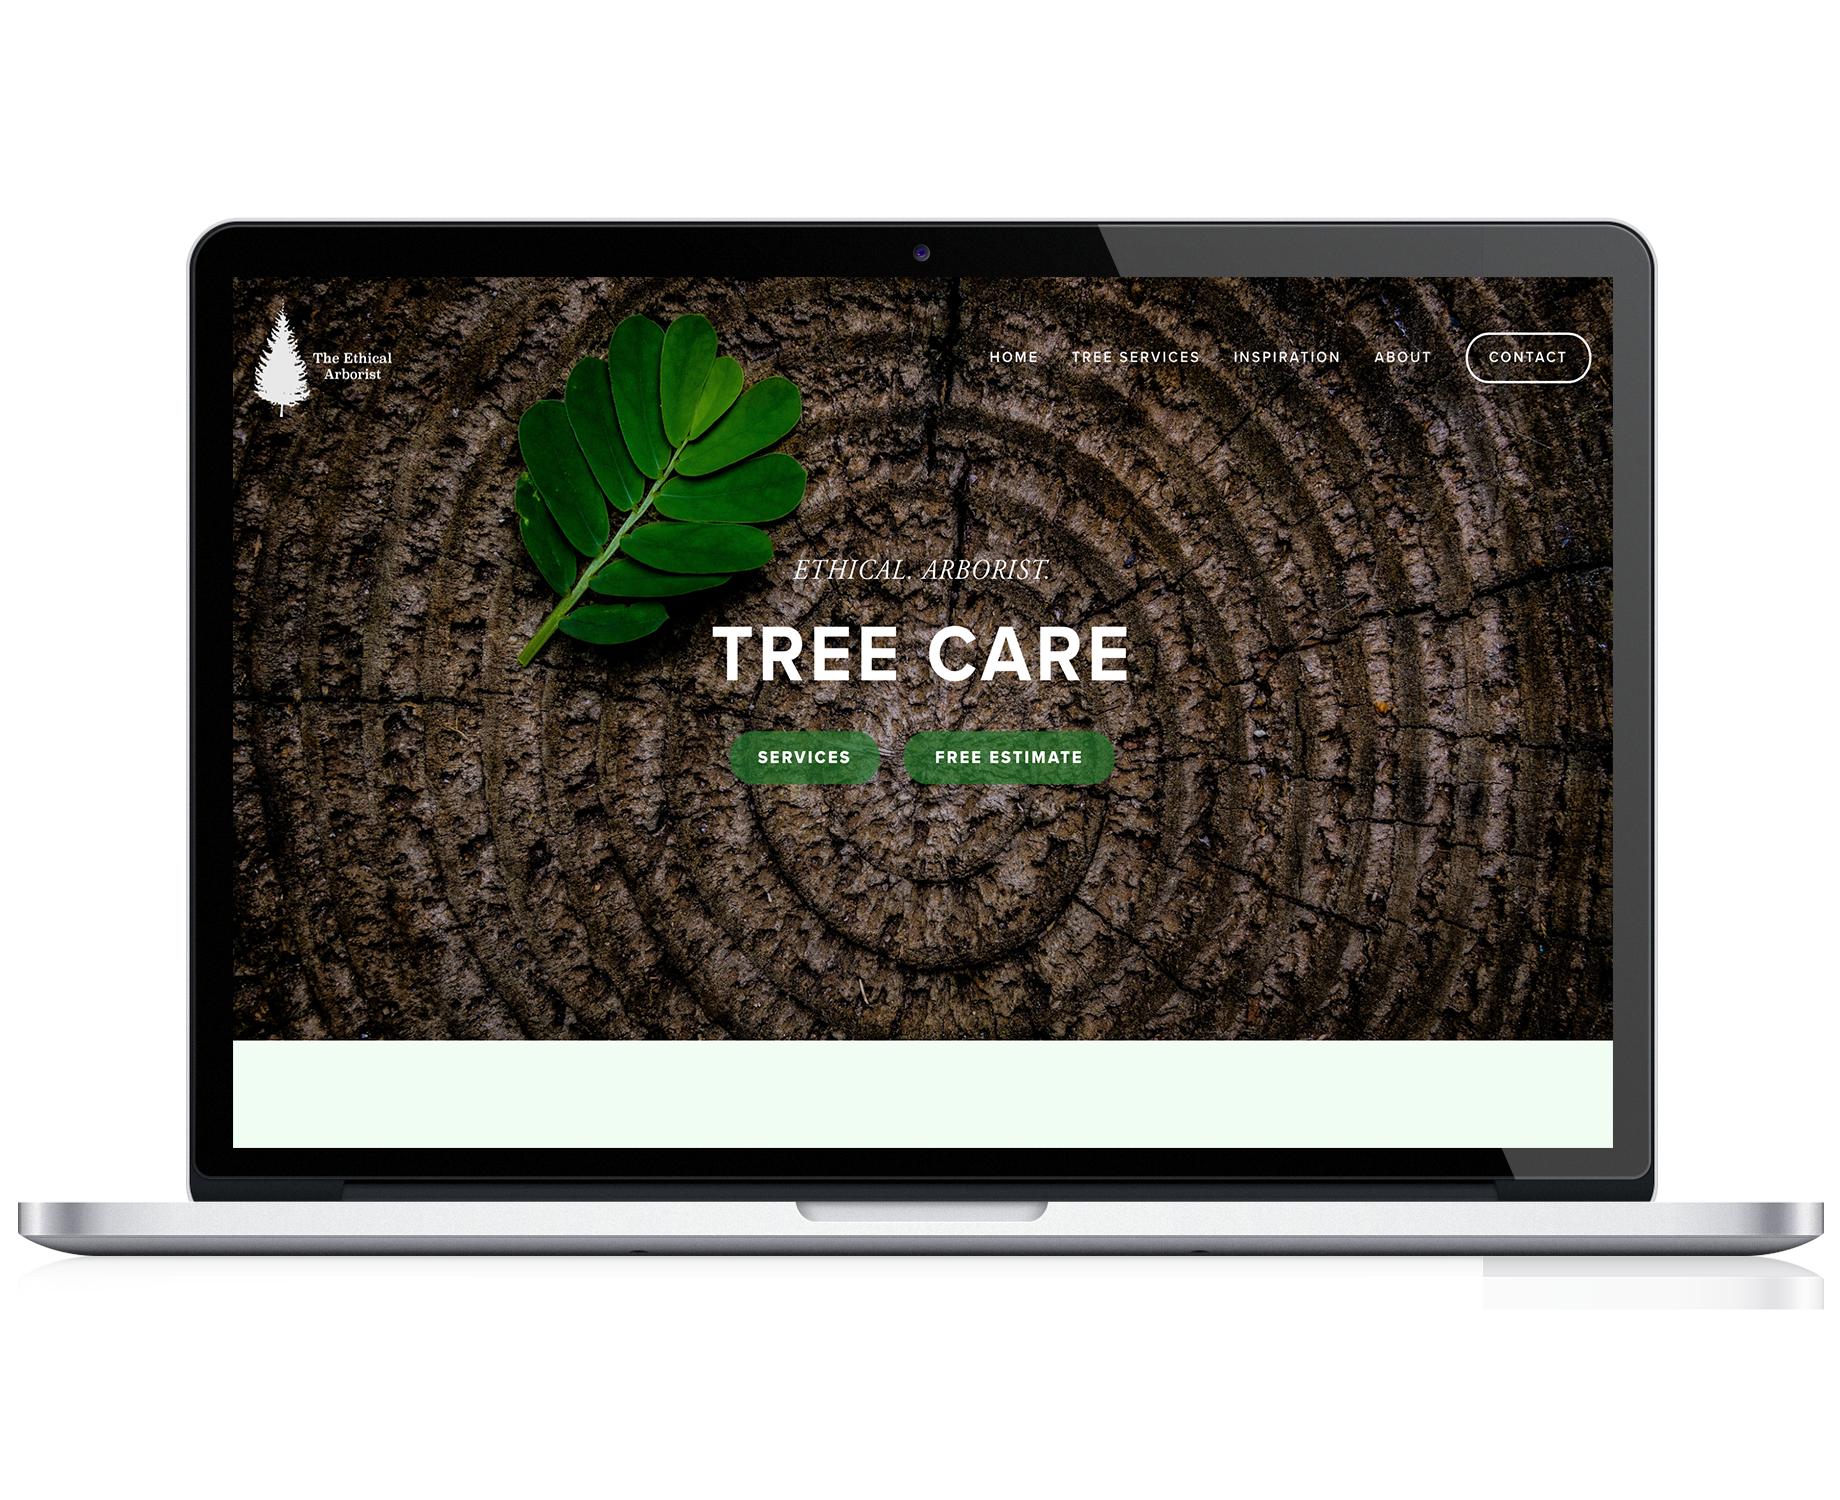 The Ethical Arborist  -  Local Arborist